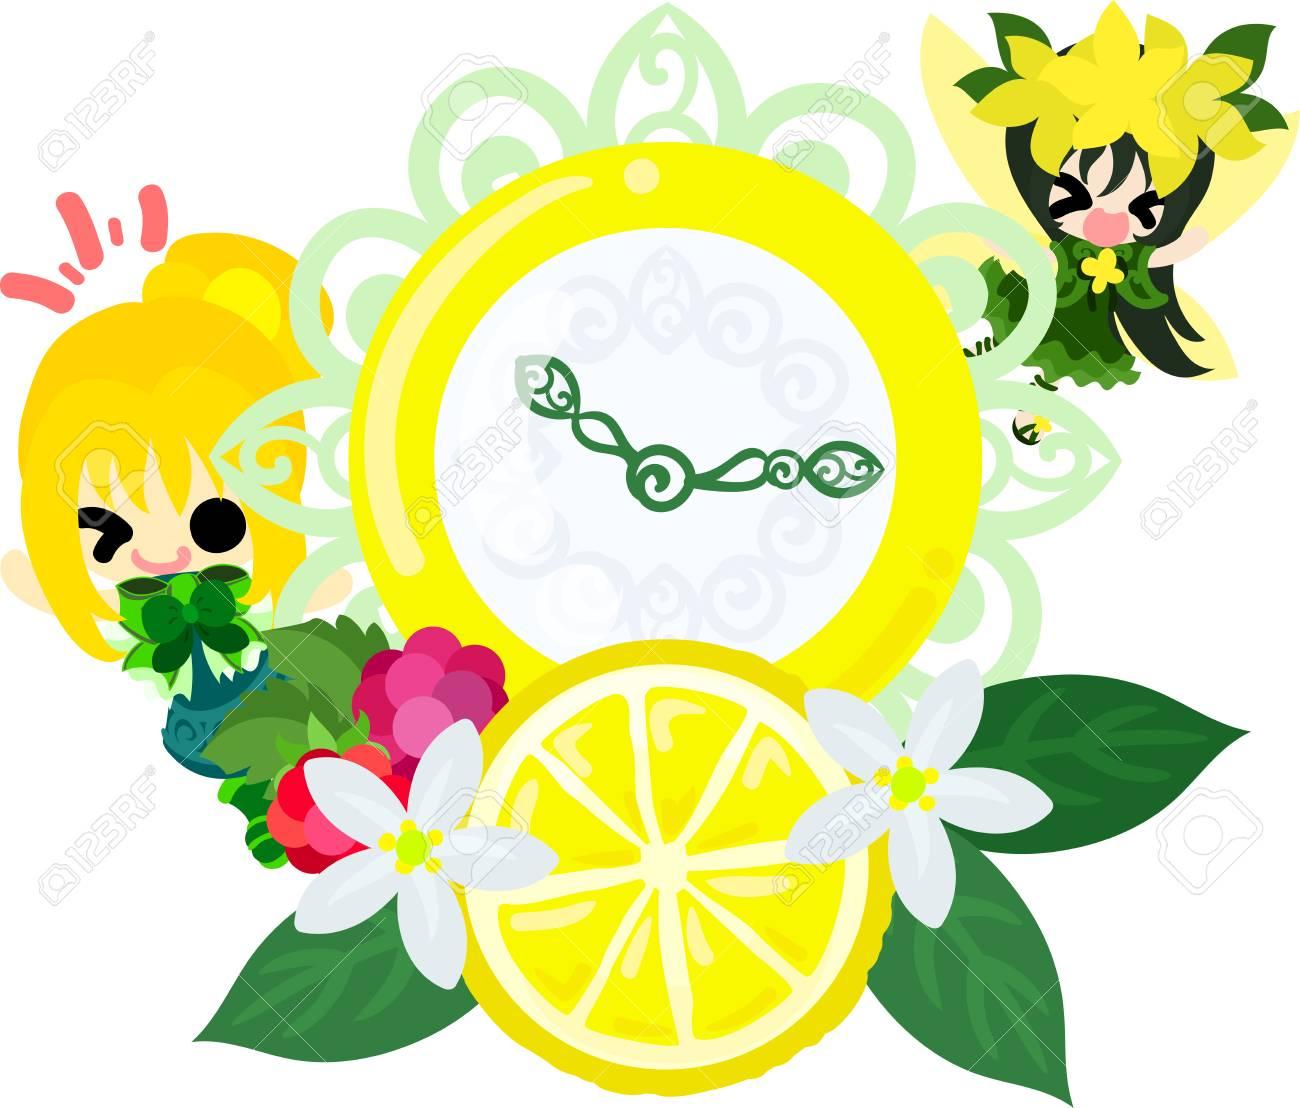 かわいい女の子とかわいい妖精とレモンの時計のイラストのイラスト素材